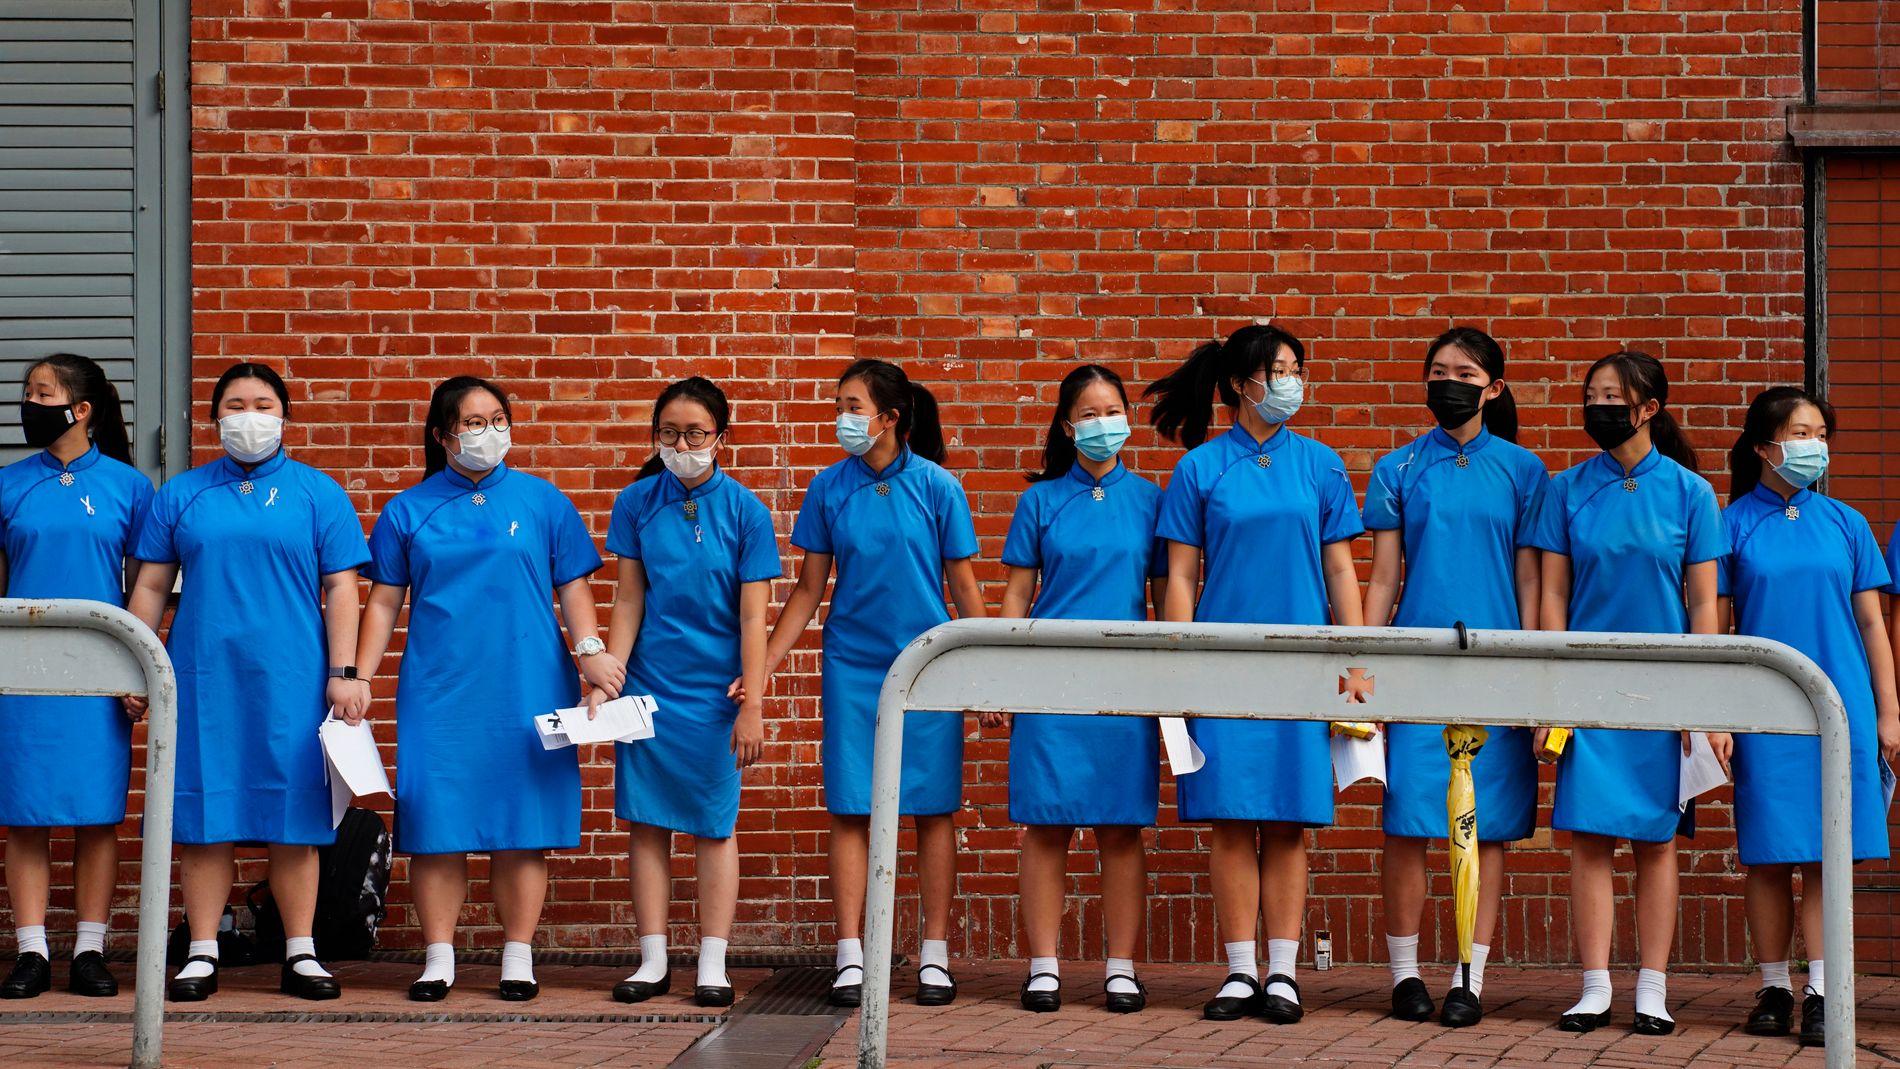 NYE DEMONSTRASJONER: Studenter formet en kjede utenfor St. Paul's Co-Educational College for å protestere mot den omstridte utleveringsloven makthaverne i byen vil vedta for å kunne sende straffedømte til Kina for soning.